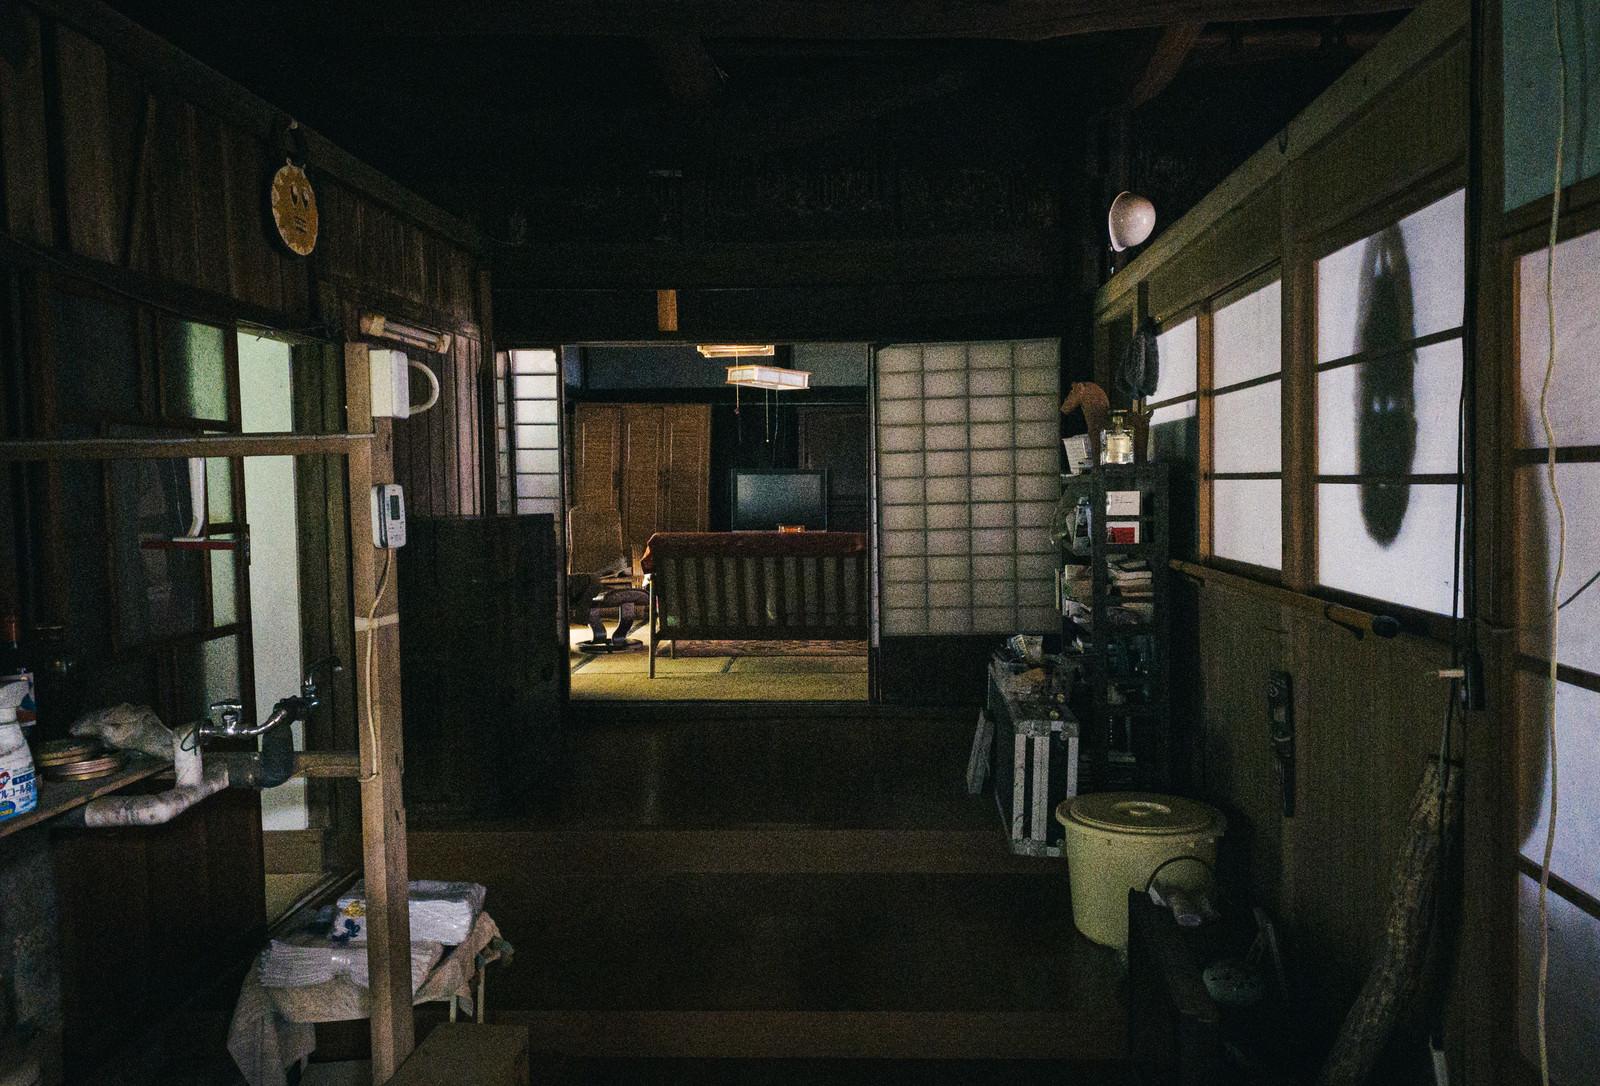 「暗くて段差注意な古民家の廊下」の写真